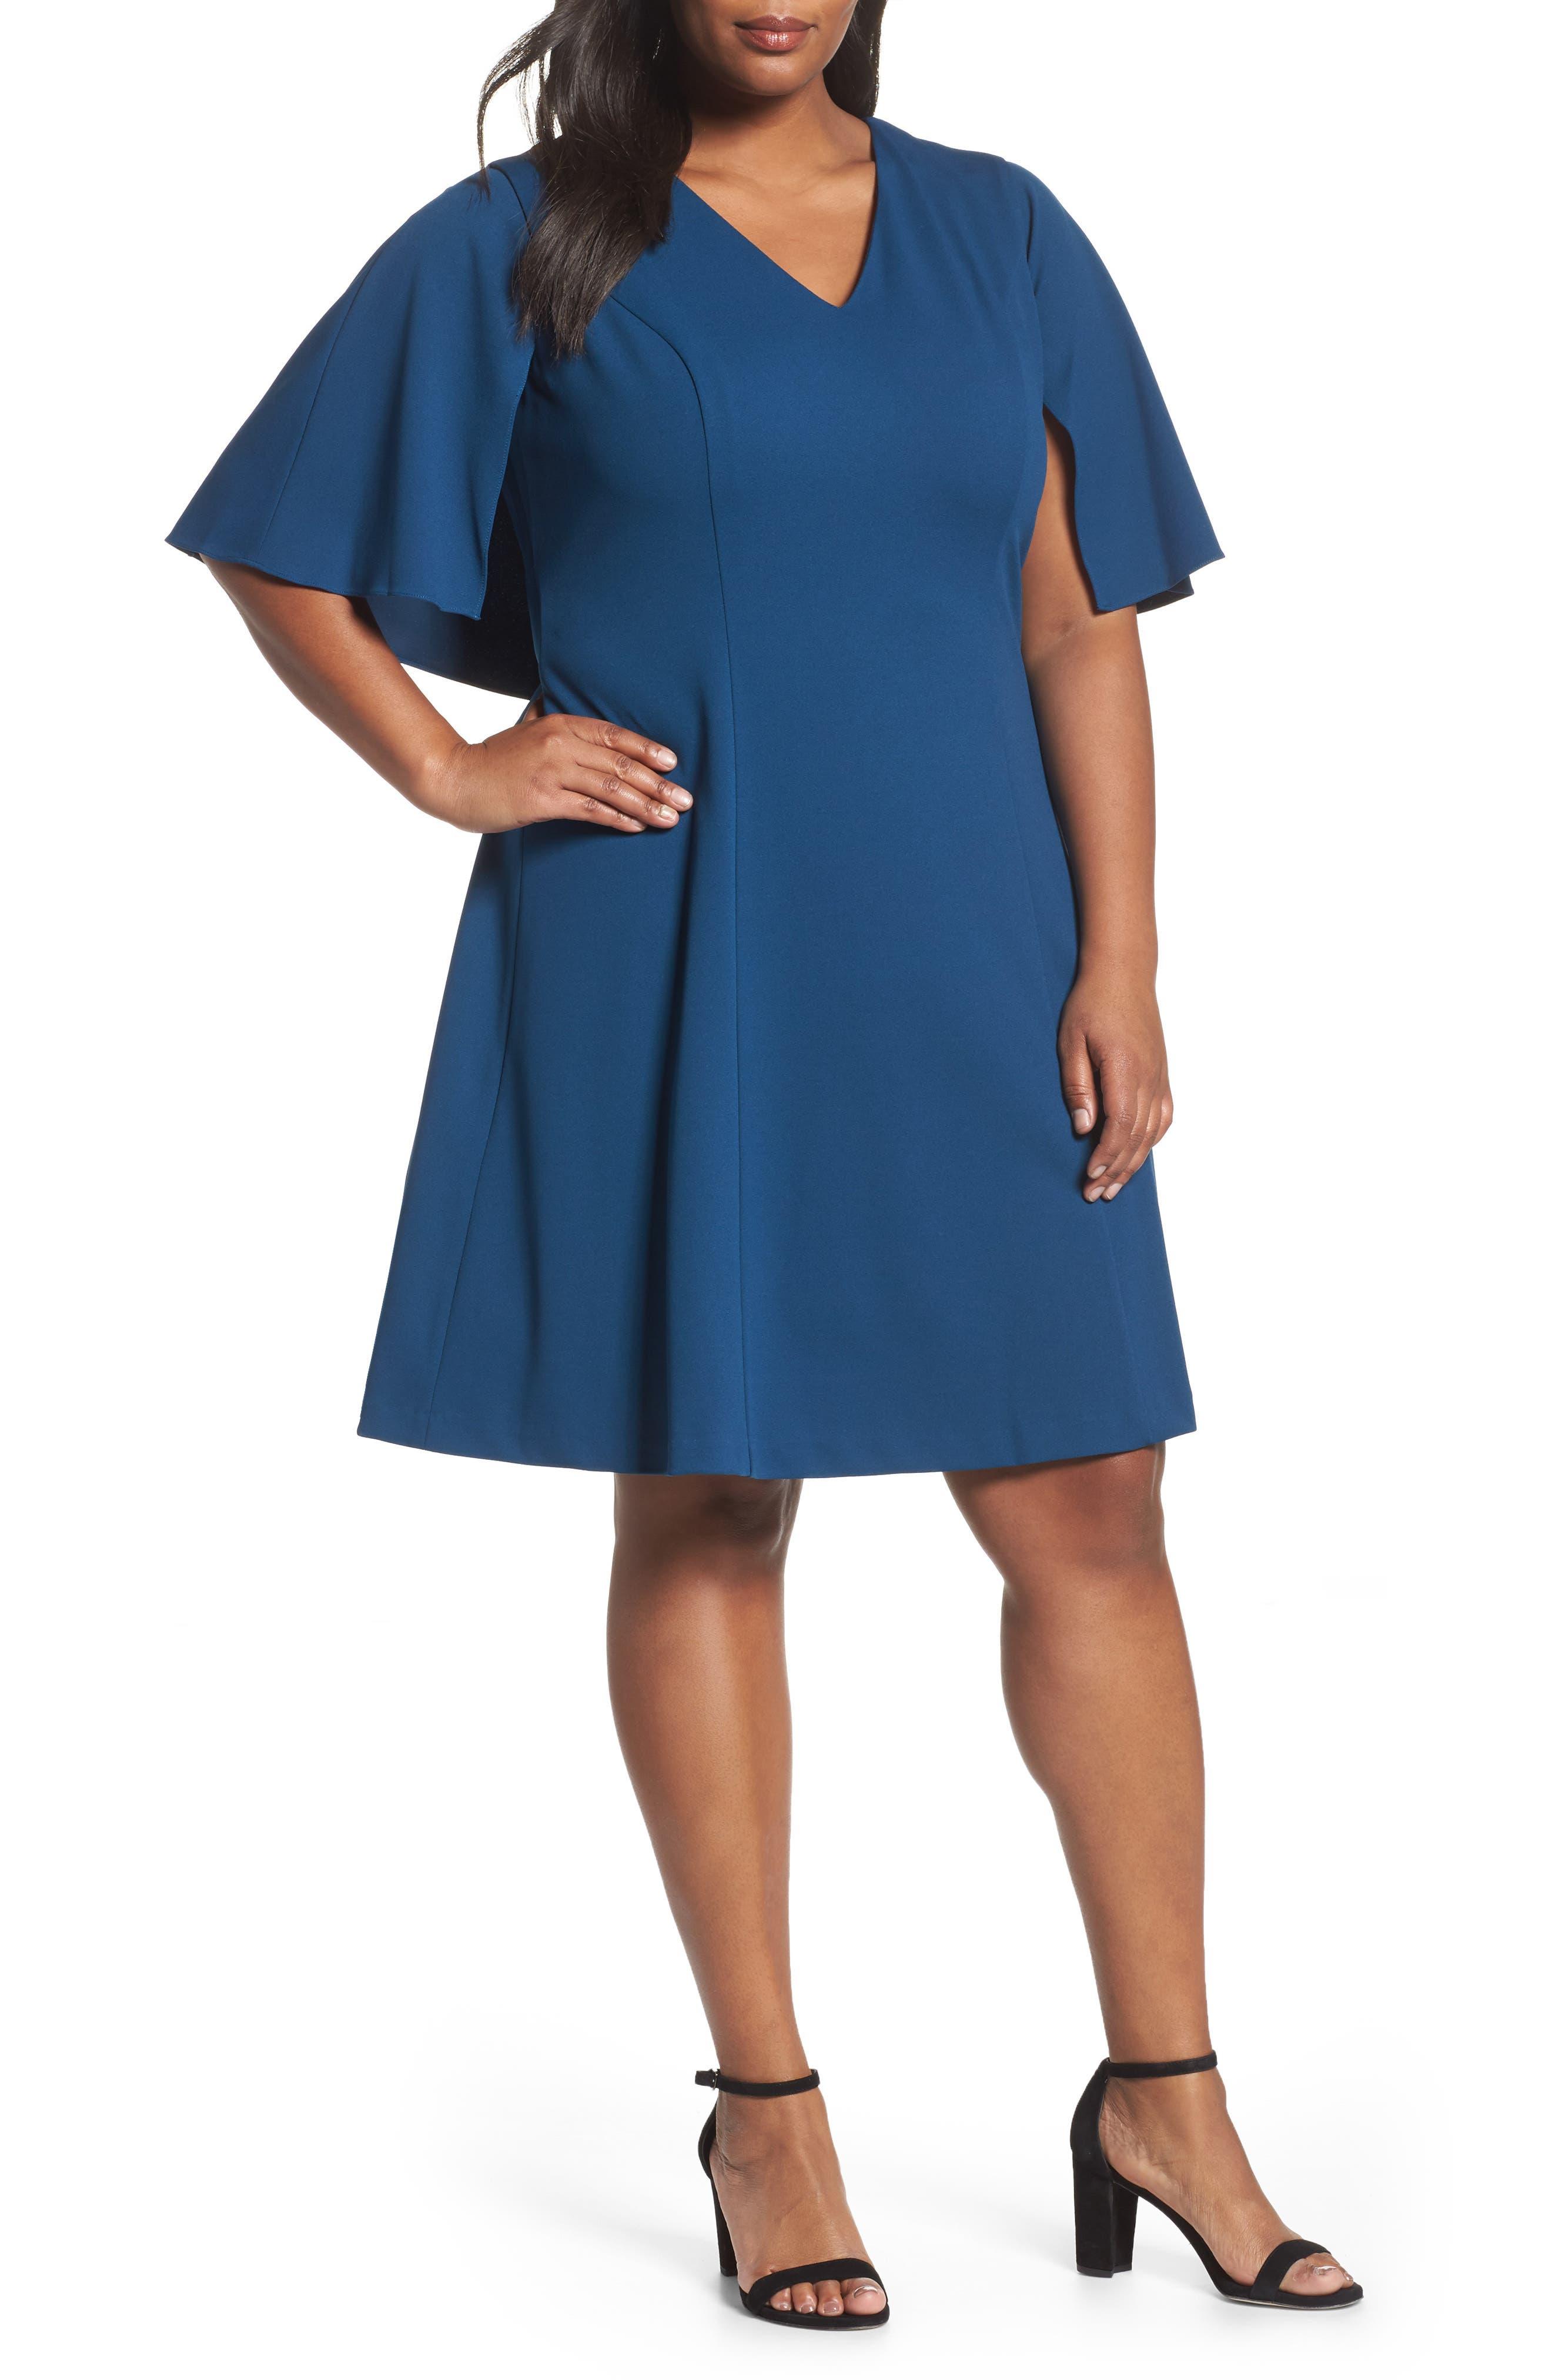 Capelet A-Line Dress,                         Main,                         color, Evening Sky